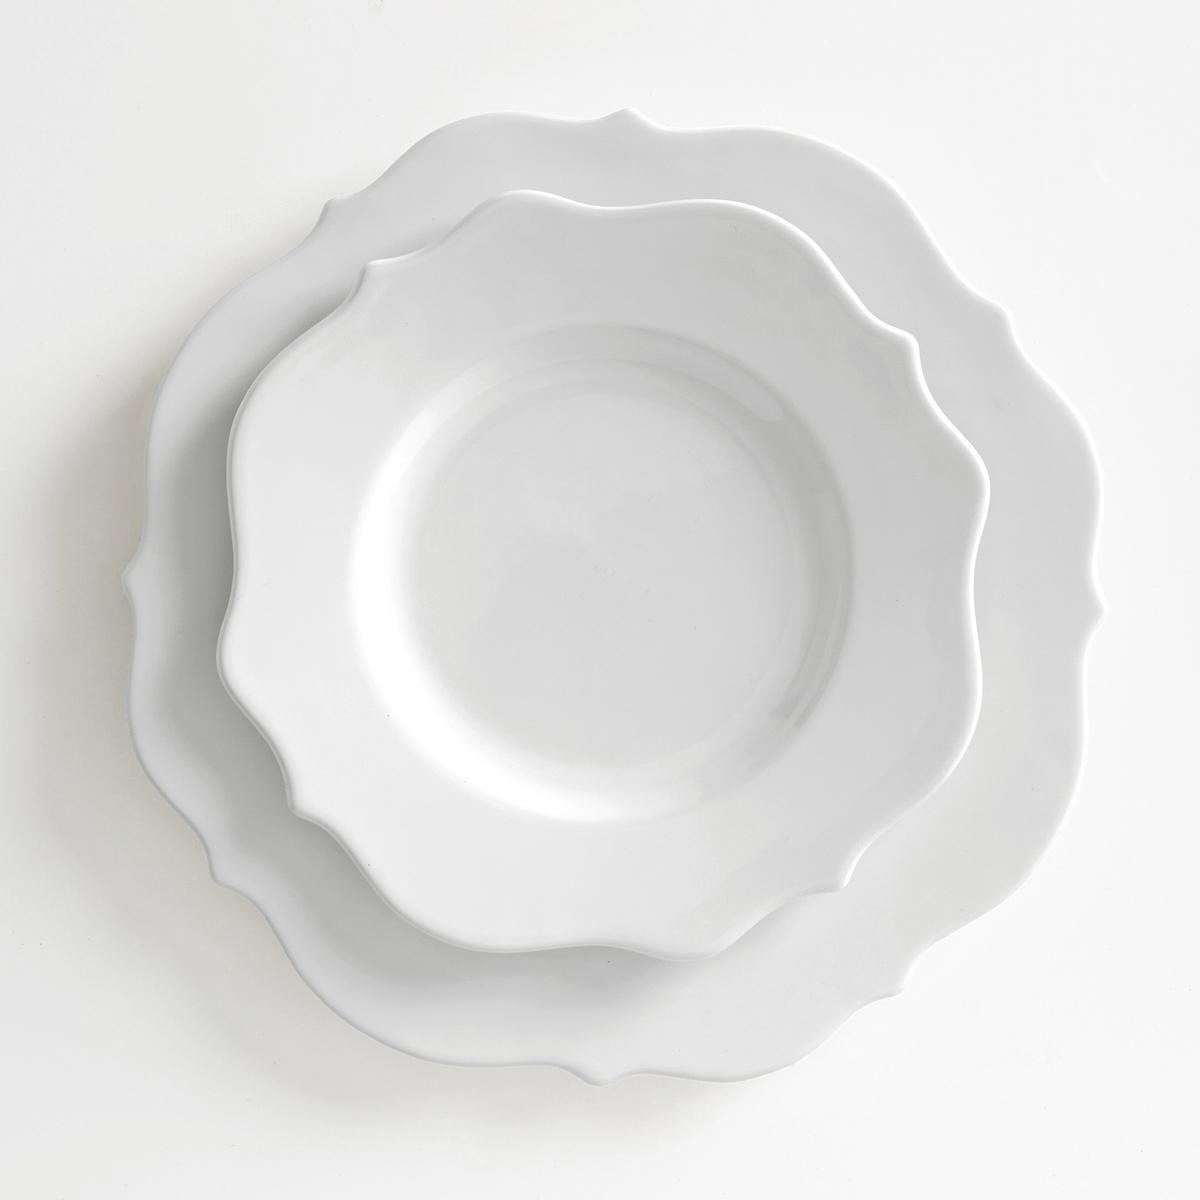 4 десертных тарелки из фаянса ManoirДесертные тарелки из фаянса Manoir, продающиеся в комплекте из 4 штук, будут отличным выбором для изысканного стола Описание 4 тарелок Manoir :Из фаянса.Подходят для микроволновой печи и посудомоечной машины  Размеры тарелок Manoir :?23 см.<br><br>Цвет: белый